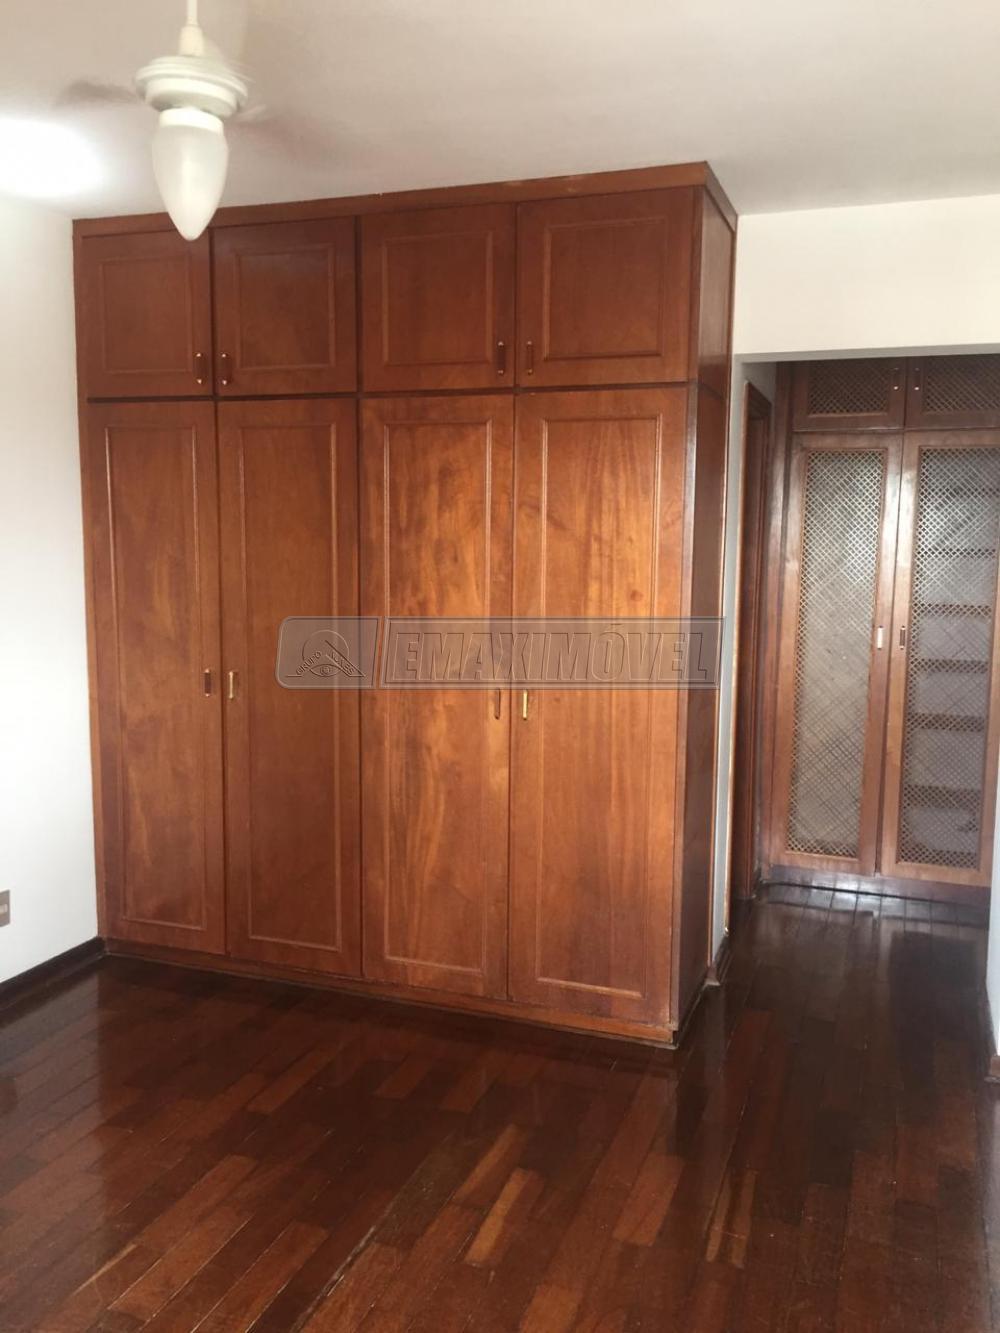 Alugar Apartamentos / Apto Padrão em Sorocaba apenas R$ 2.300,00 - Foto 16